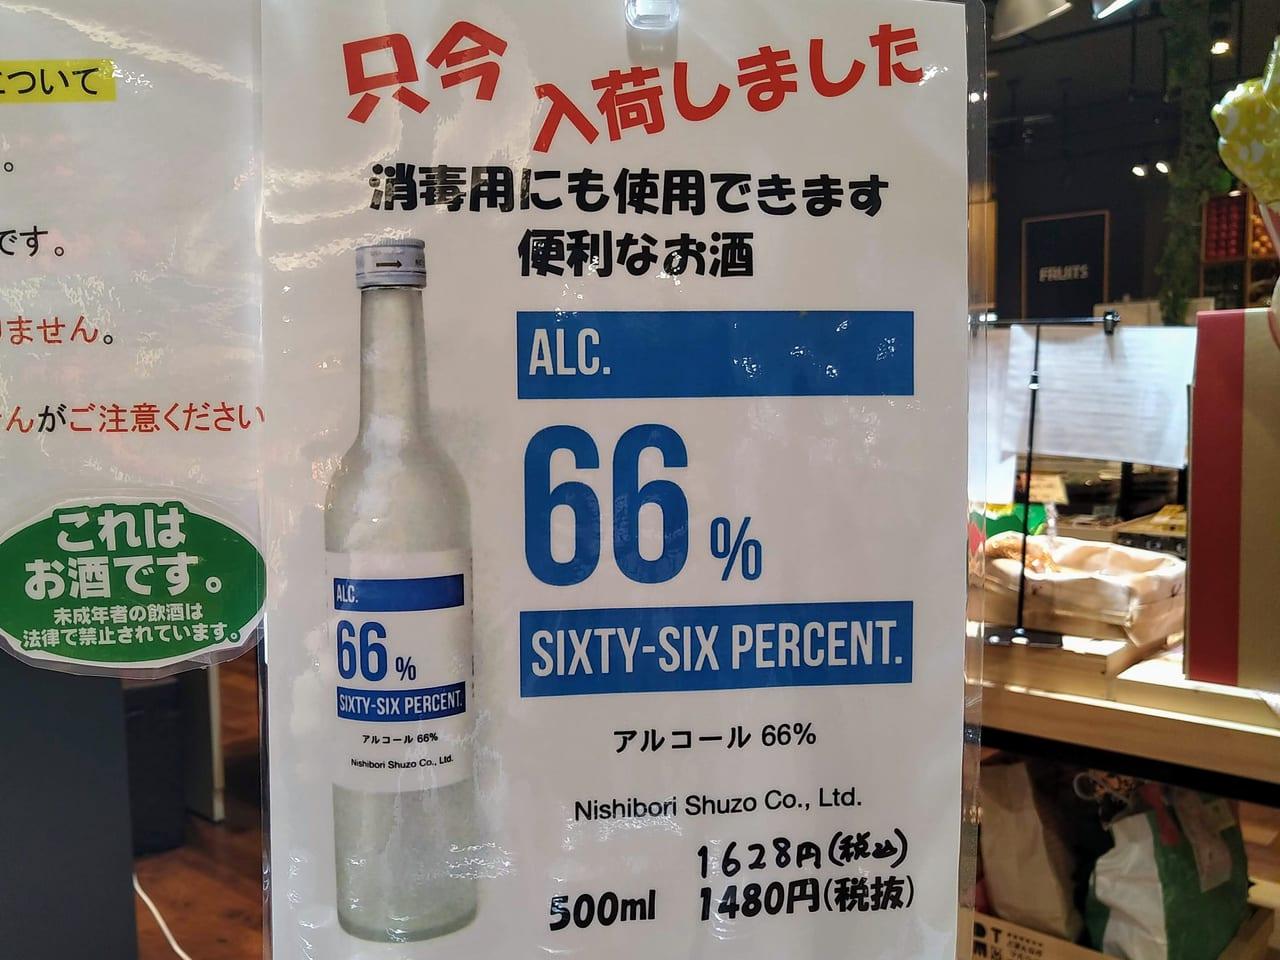 西堀酒造 アルコール66%